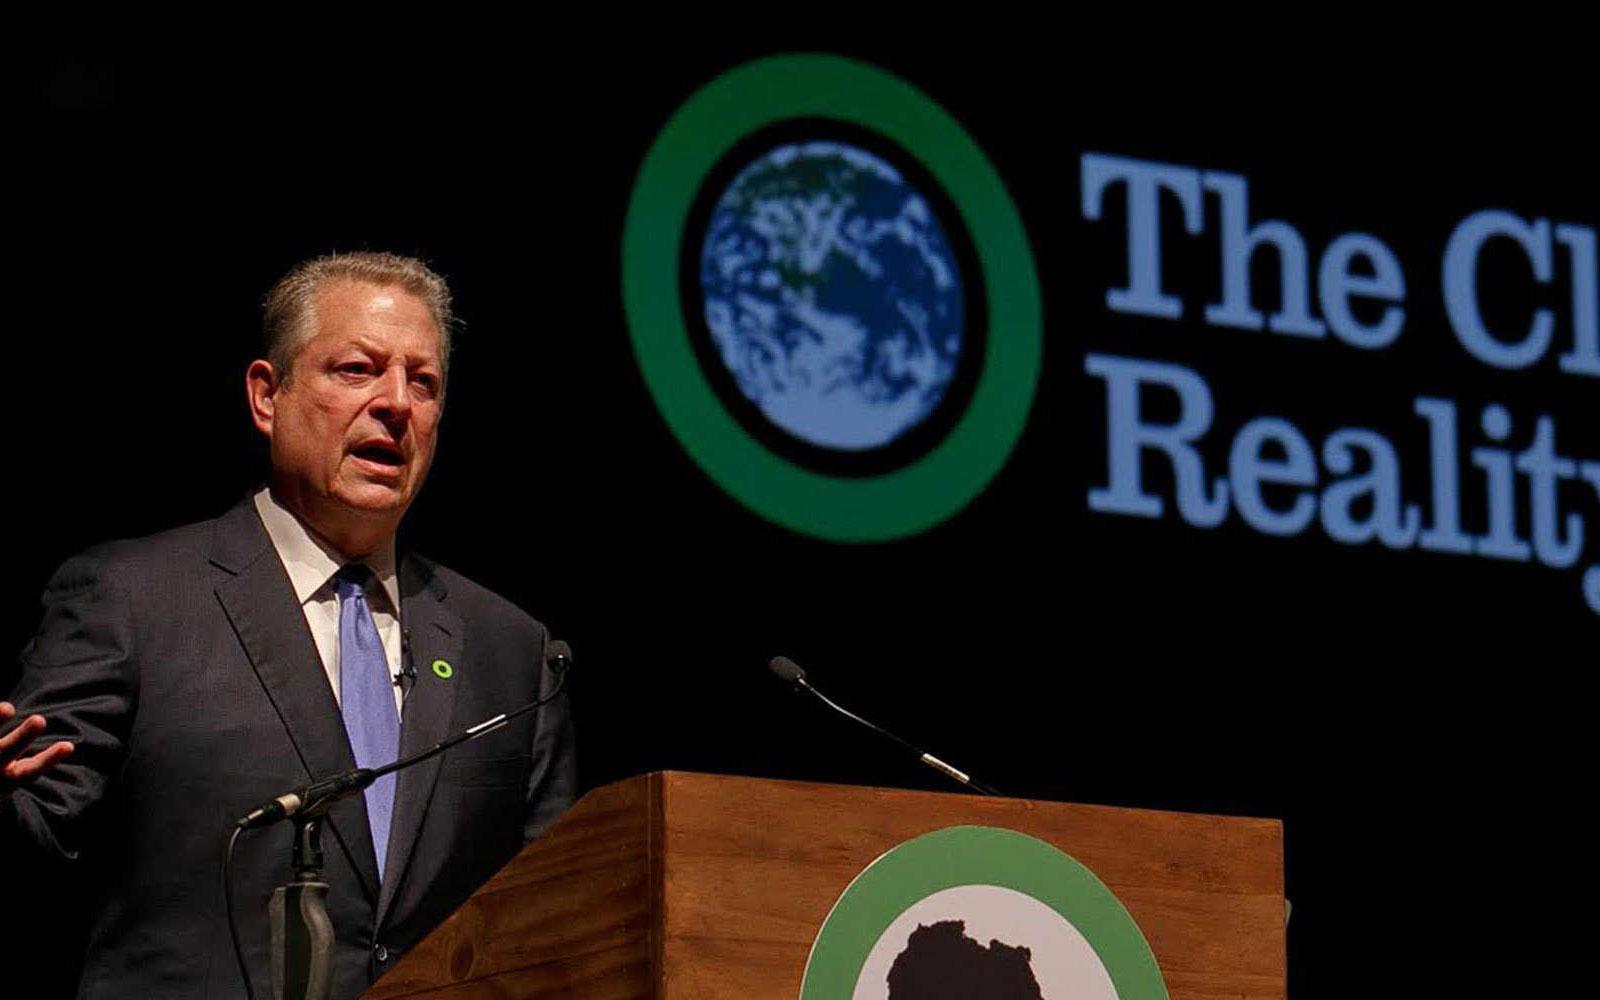 Se buscan líderes para frenar la crisis ambiental